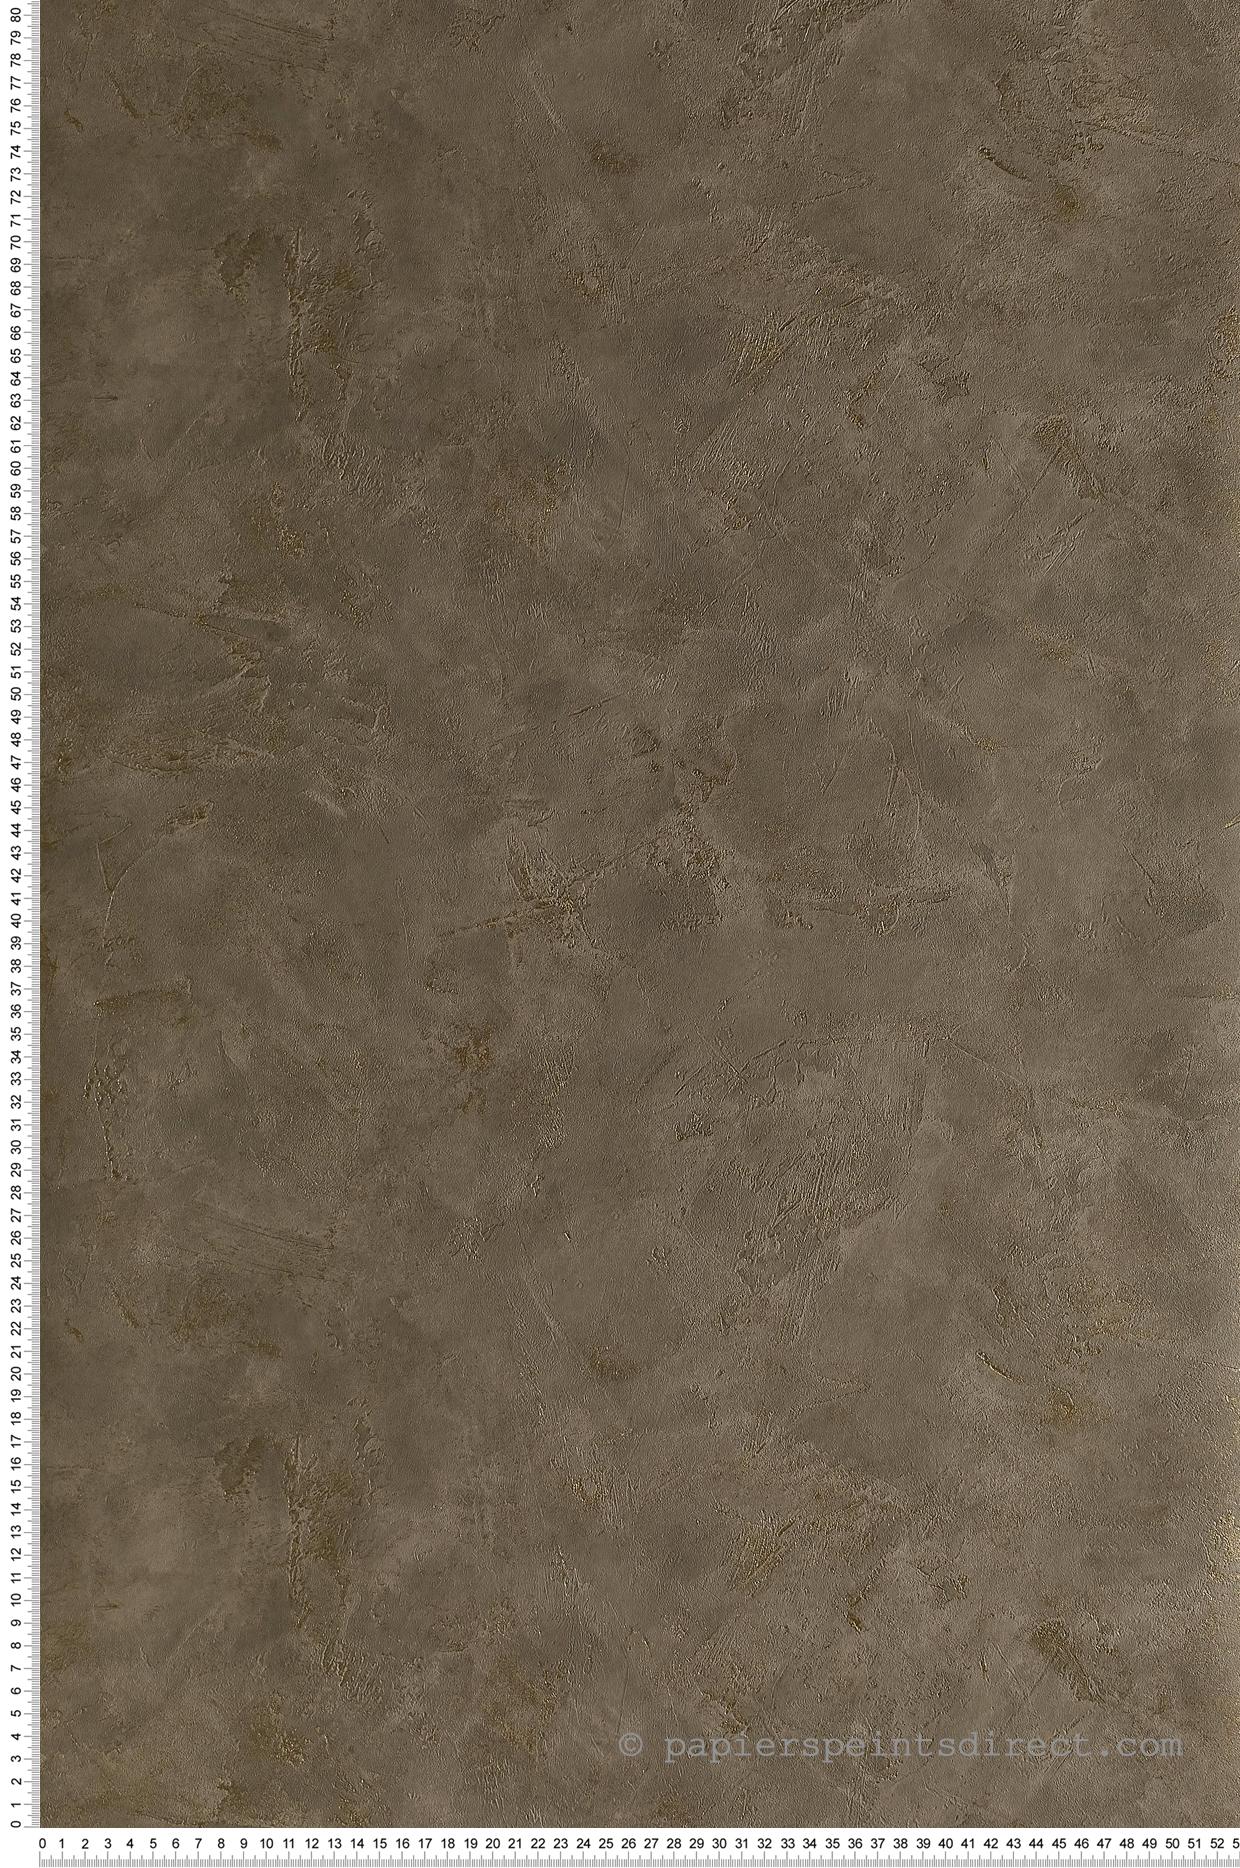 Papier peint Effet béton taupe cuivré - Patine de Casélio | Réf. PAI100222234